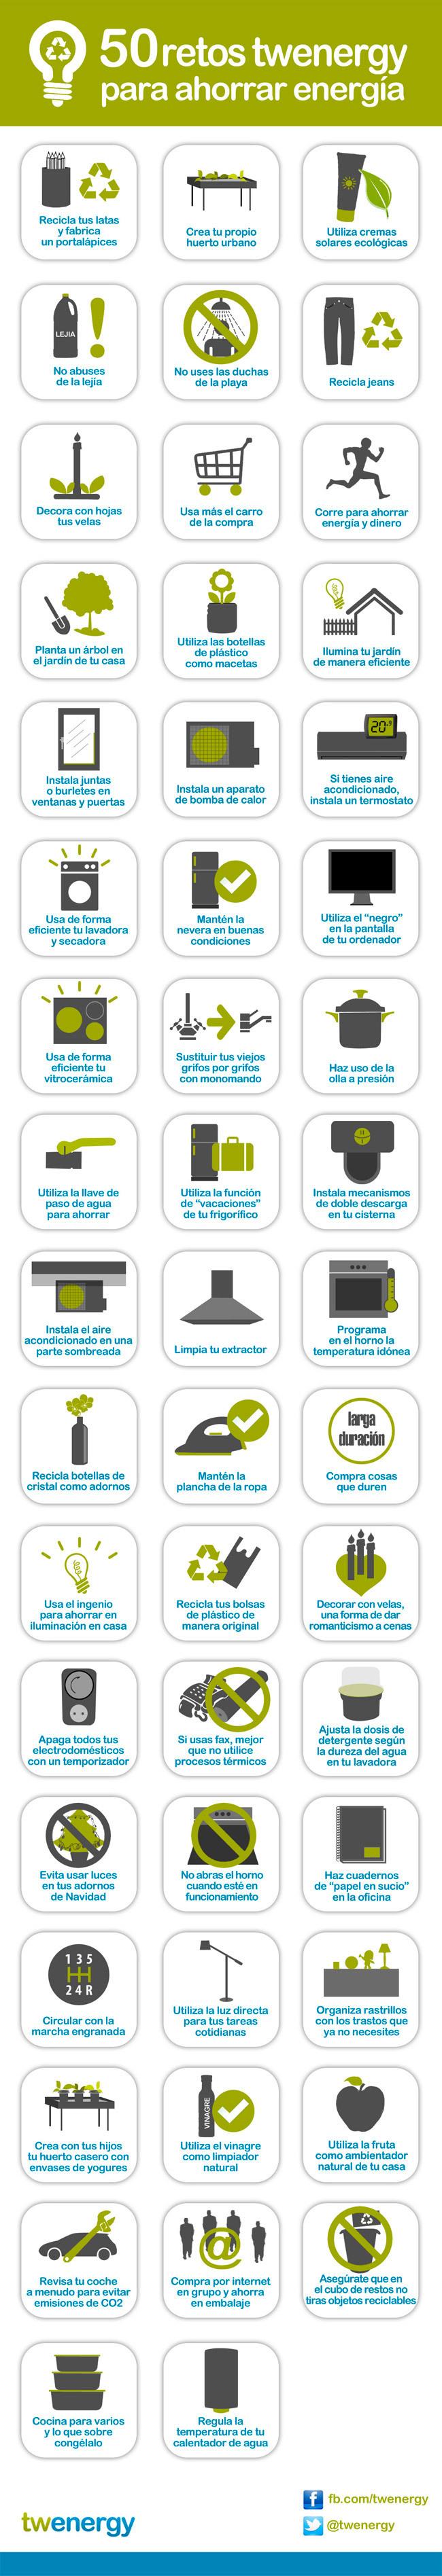 Miercoles Visuales 50 consejos para ahorrar energía